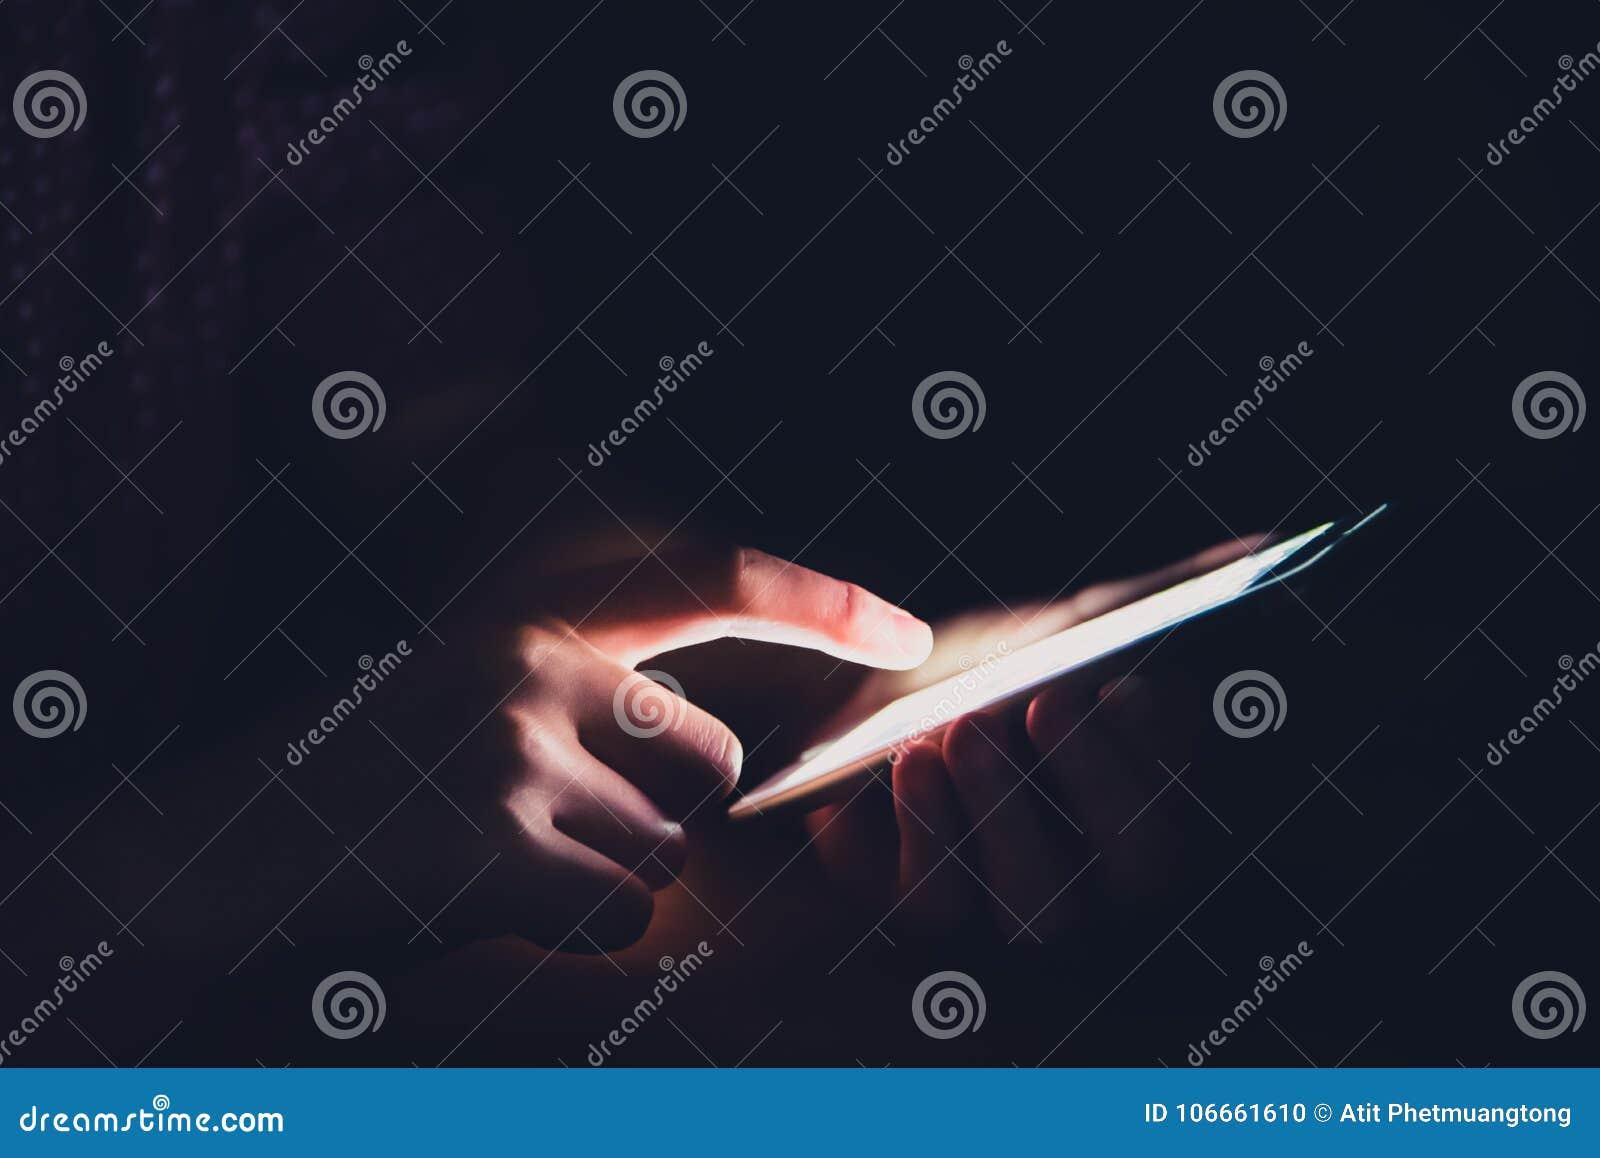 Las Manos Están Jugando Smartphones En Cuartos Oscuros Foto de ...